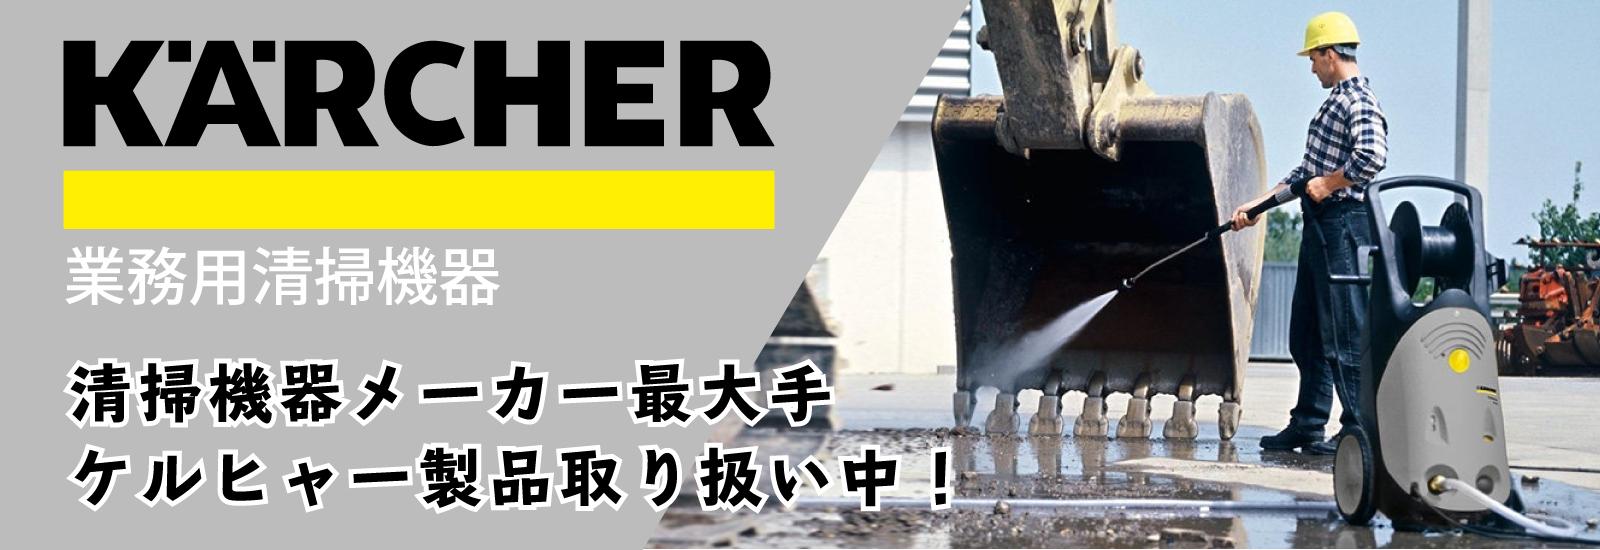 ケルヒャージャパン業務用製品正規取扱店